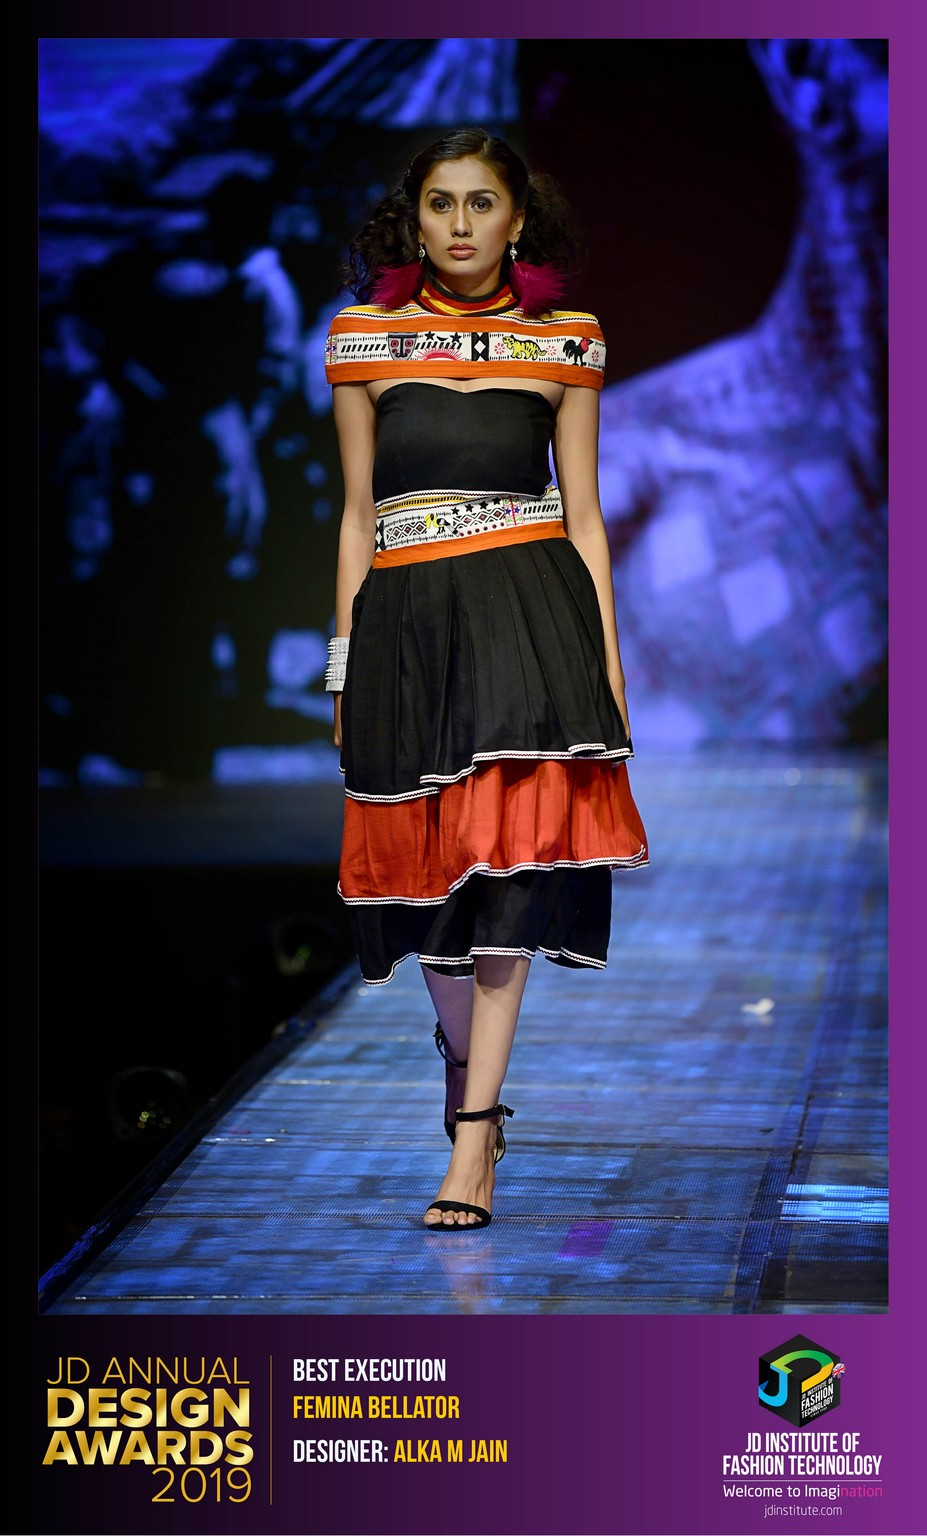 FEMINA BELLATOR - CURATOR - JDADA2019 femina bellator FEMINA BELLATOR – CURATOR – JDADA2019 FEMINA BELLATOR 6